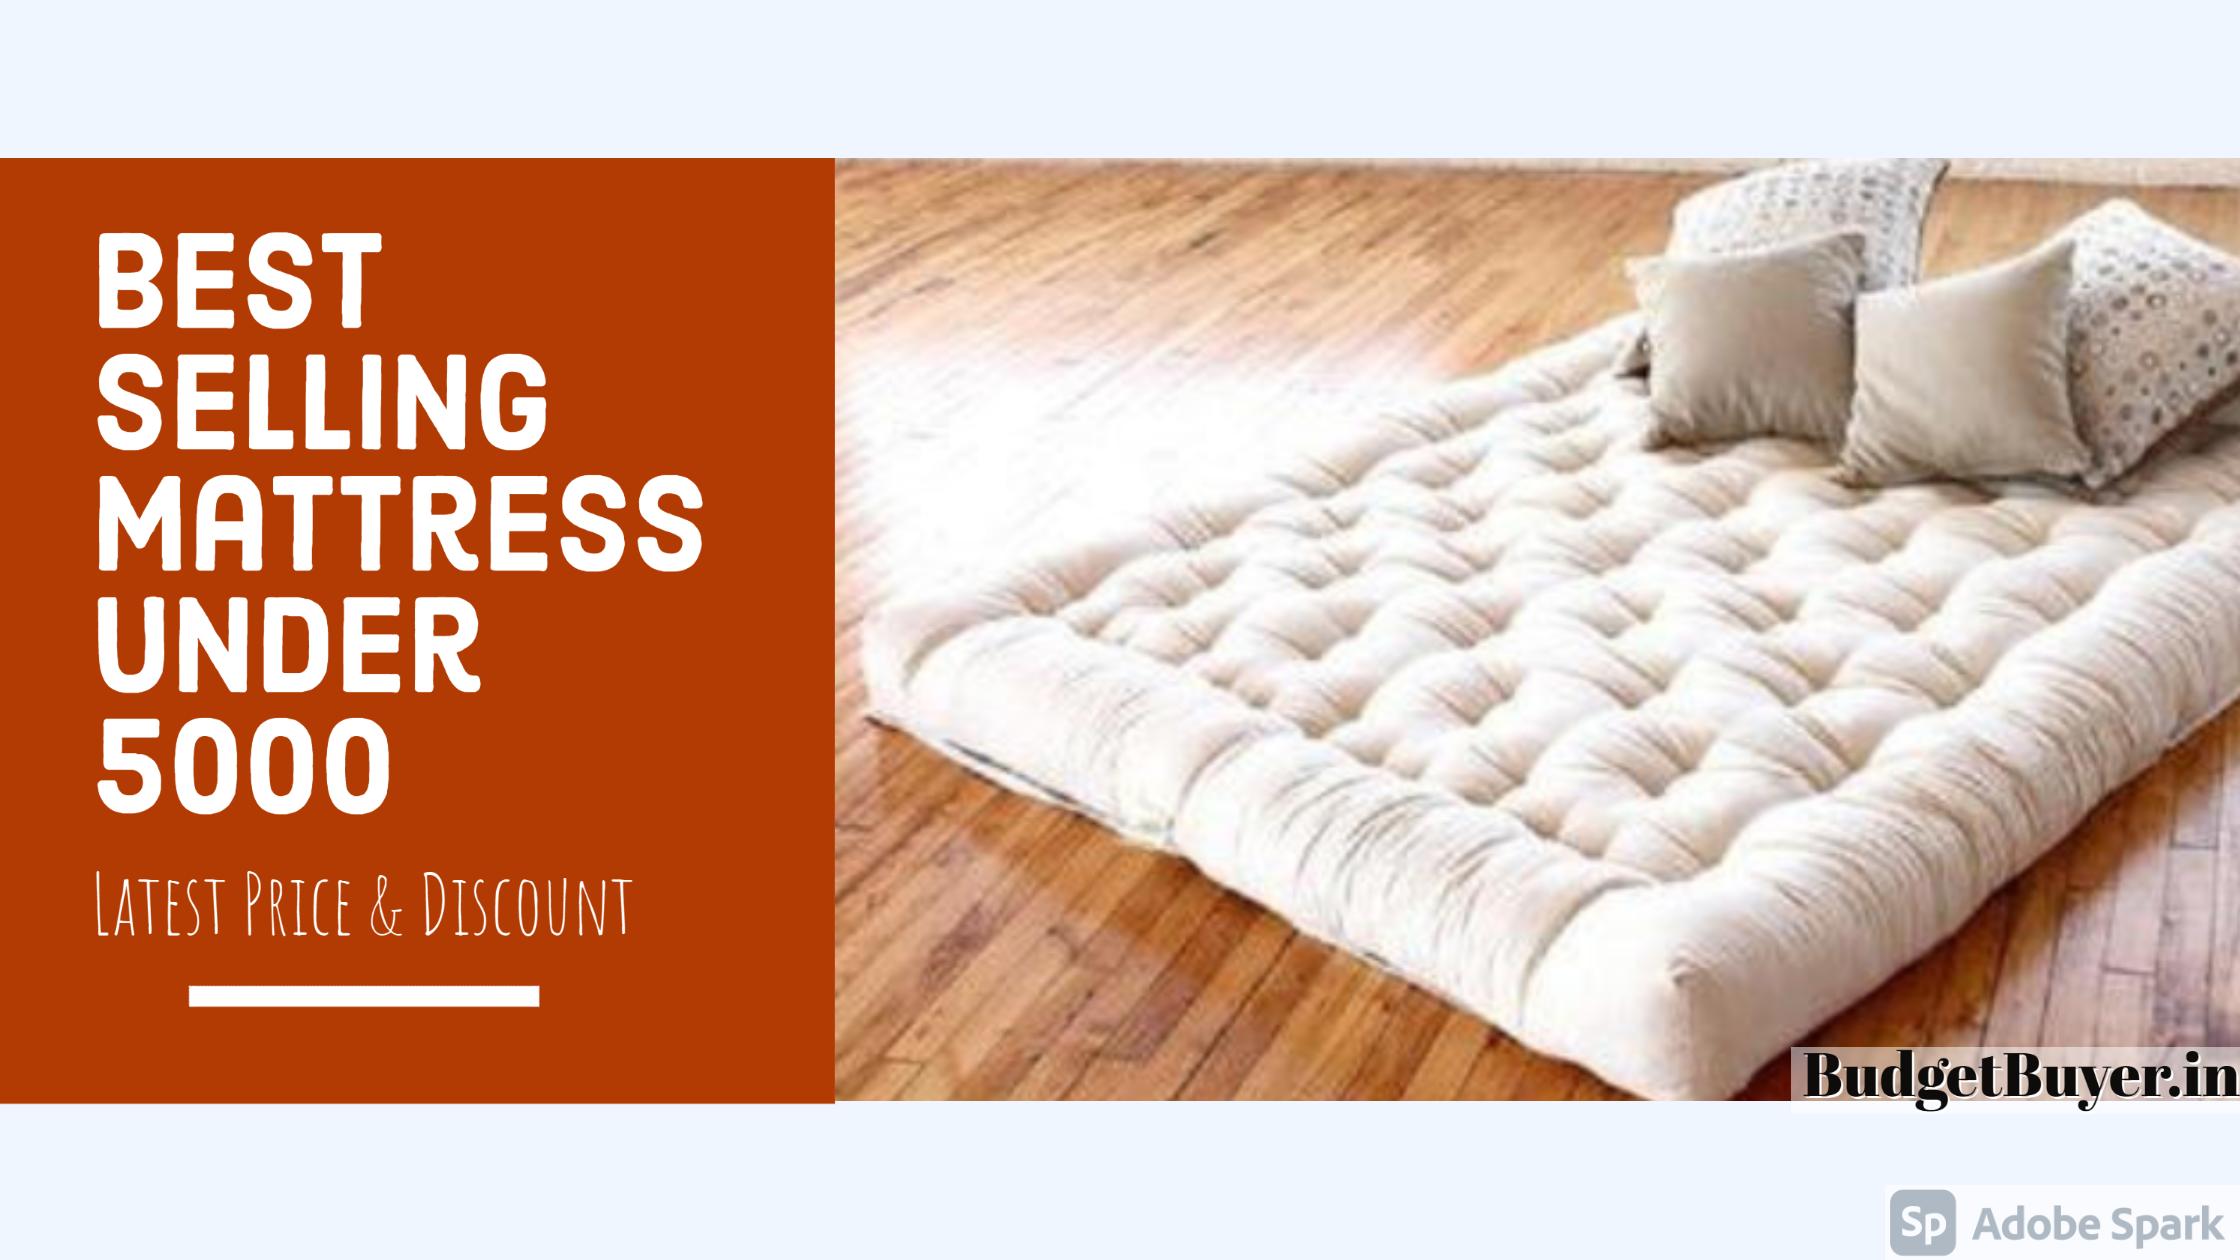 mattress under 5000